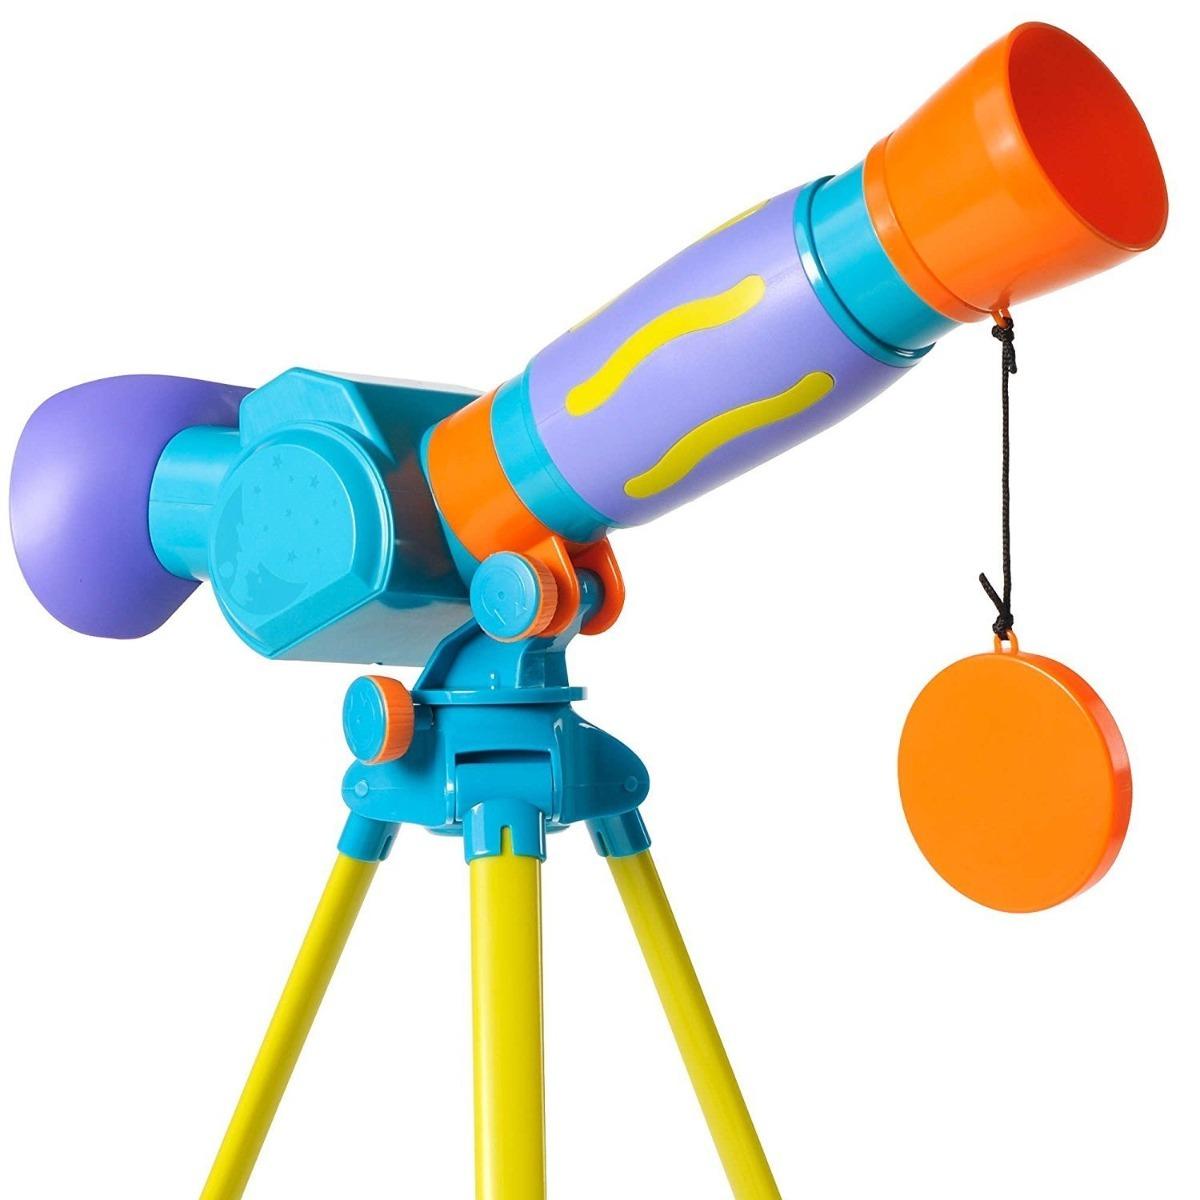 telescopios para regalarle a un niño